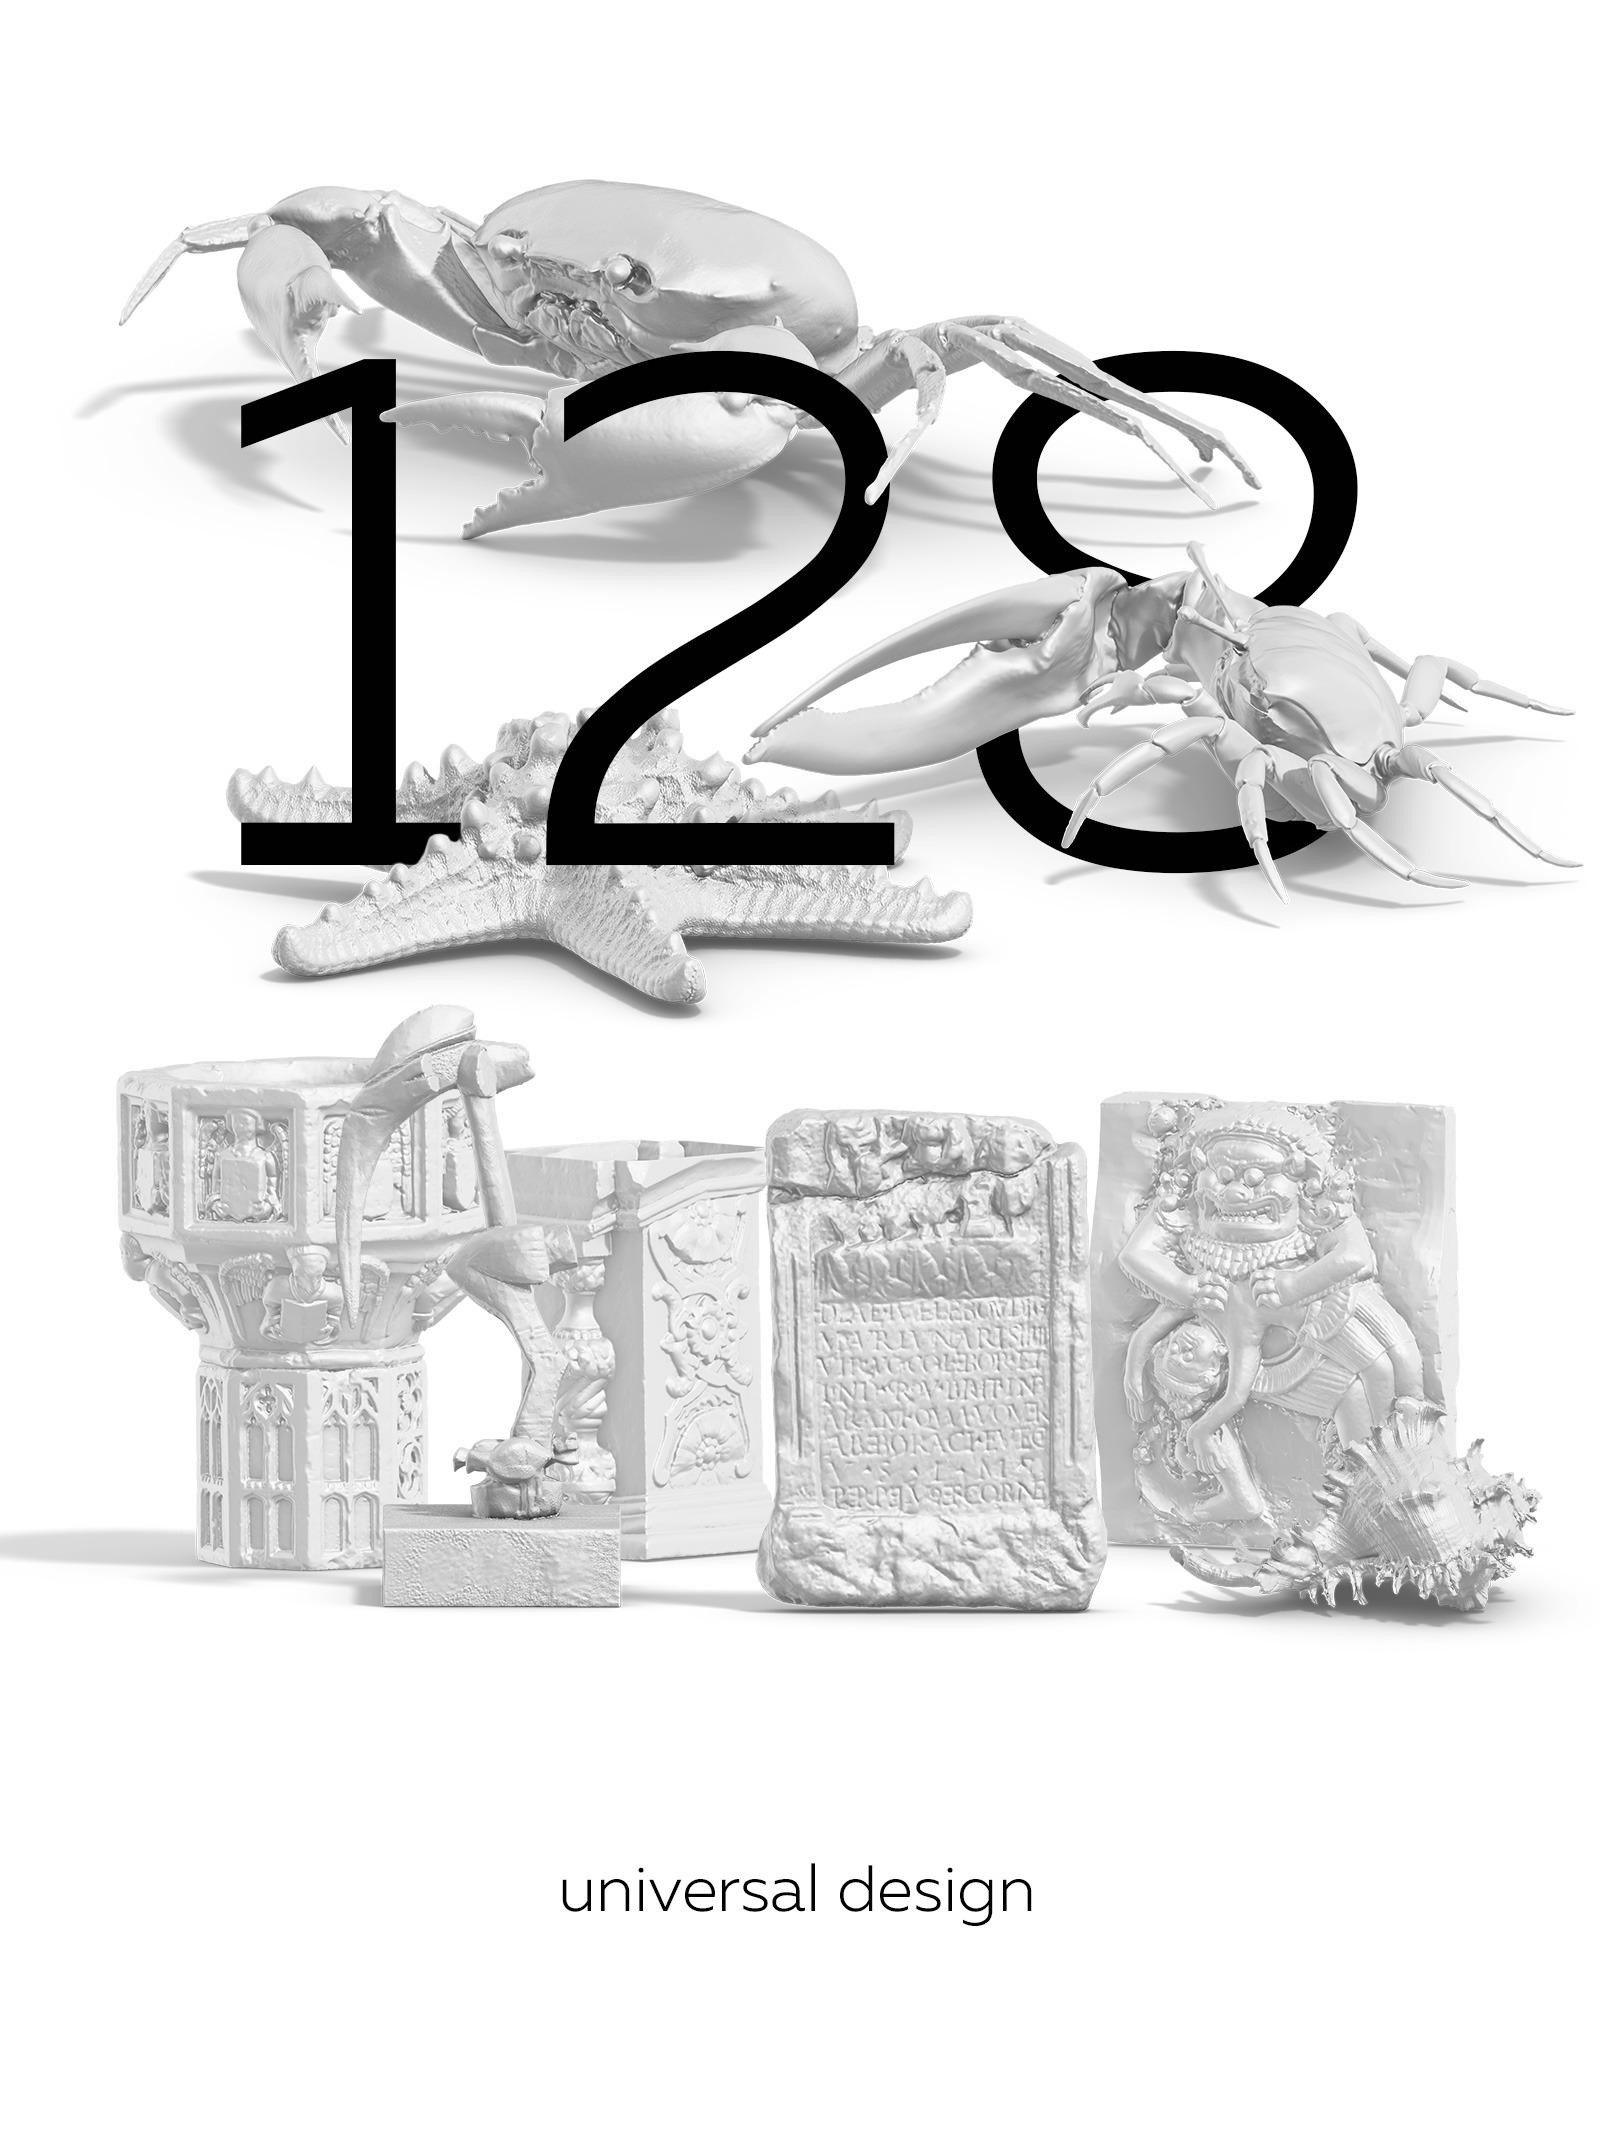 [淘宝购买] 128款多角度复古蒸汽波3D动物石膏雕塑PS设计素材 Collection Of 128 Sculptures Statue插图(7)